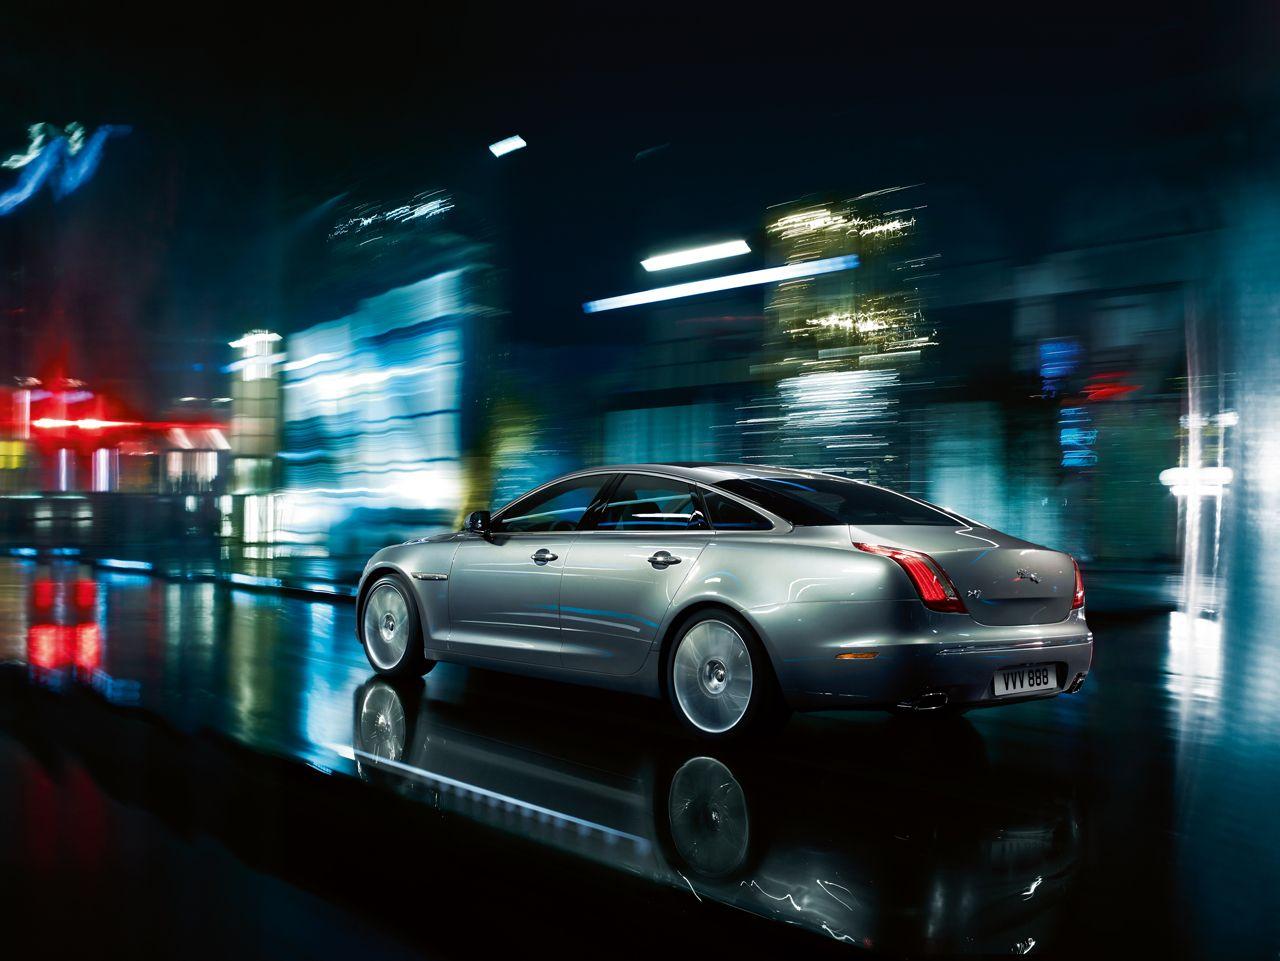 Photo of Jaguar XJ new on the night road Jaguar xj